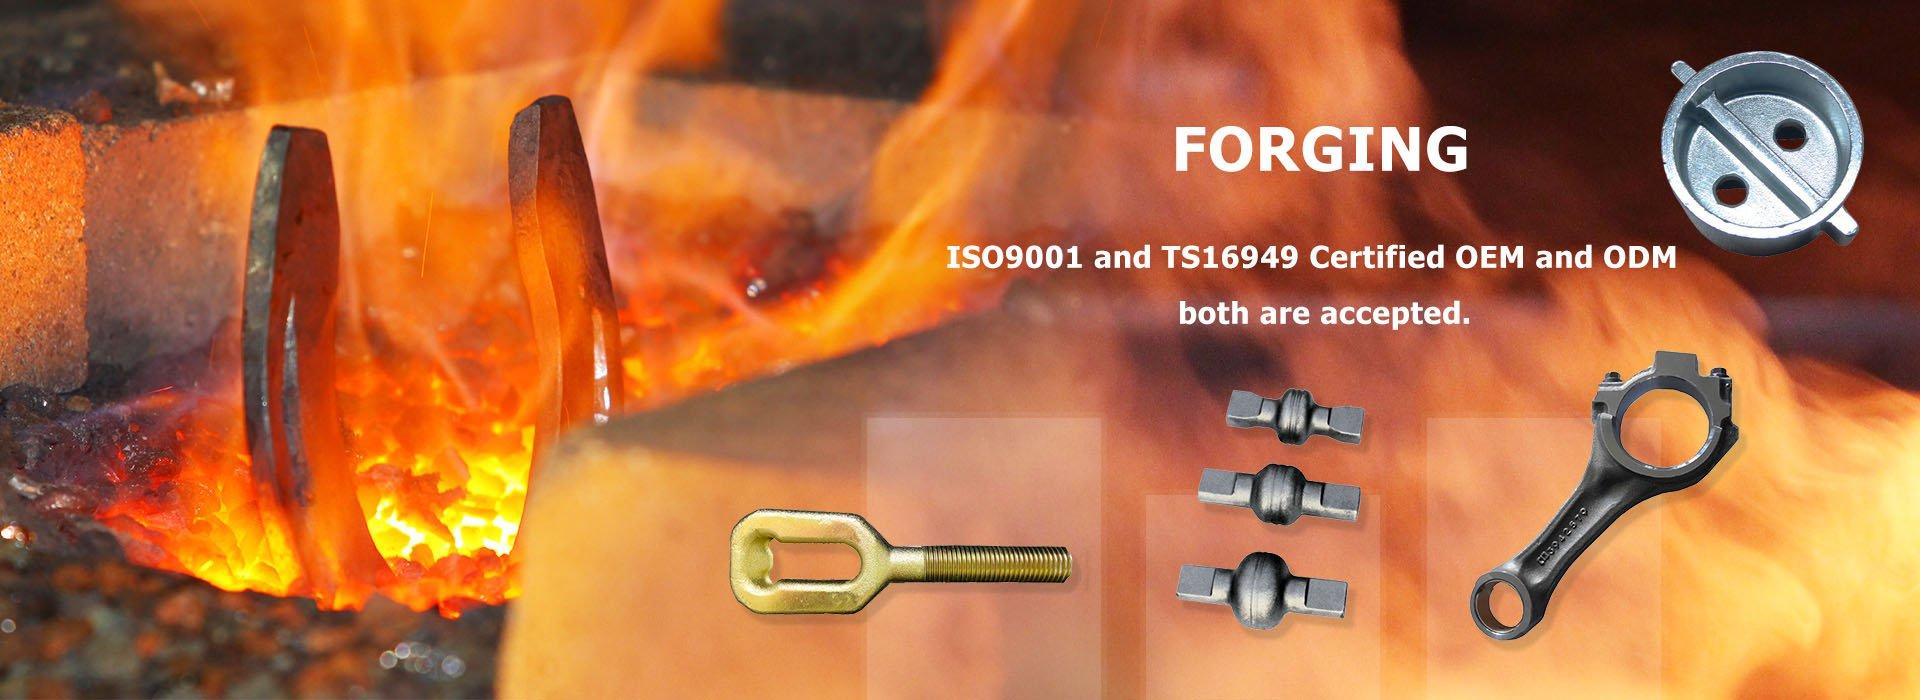 forging-02